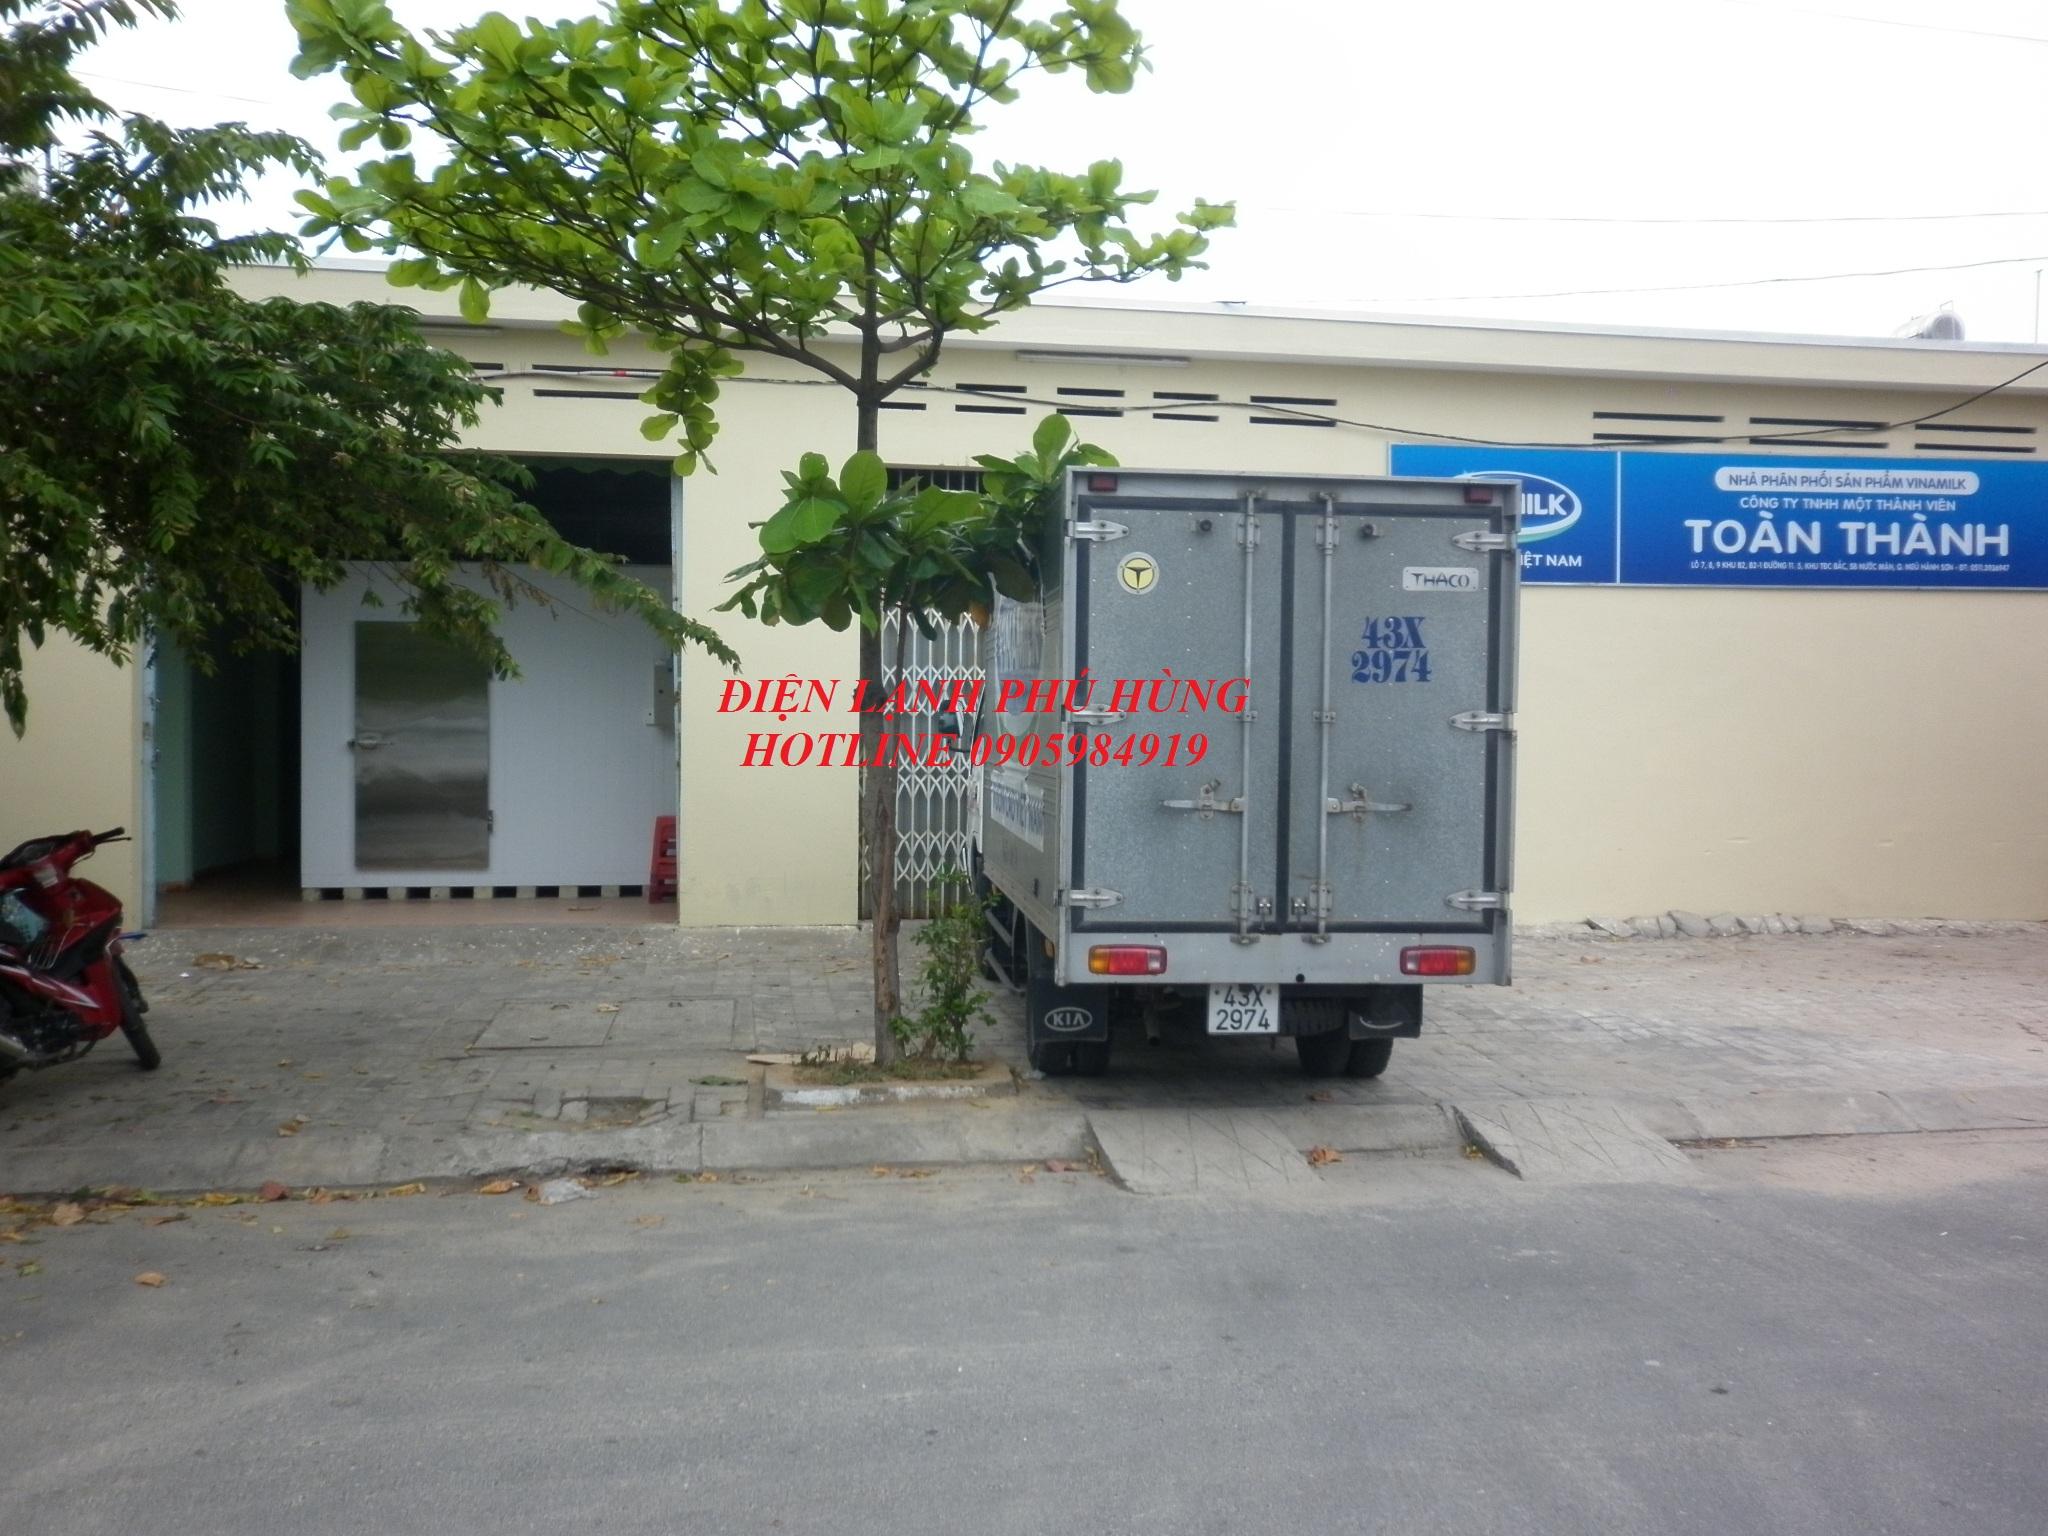 tt1A - Kho lanh bảo quản sữa vinamilk - Cty MTV Toàn Thành